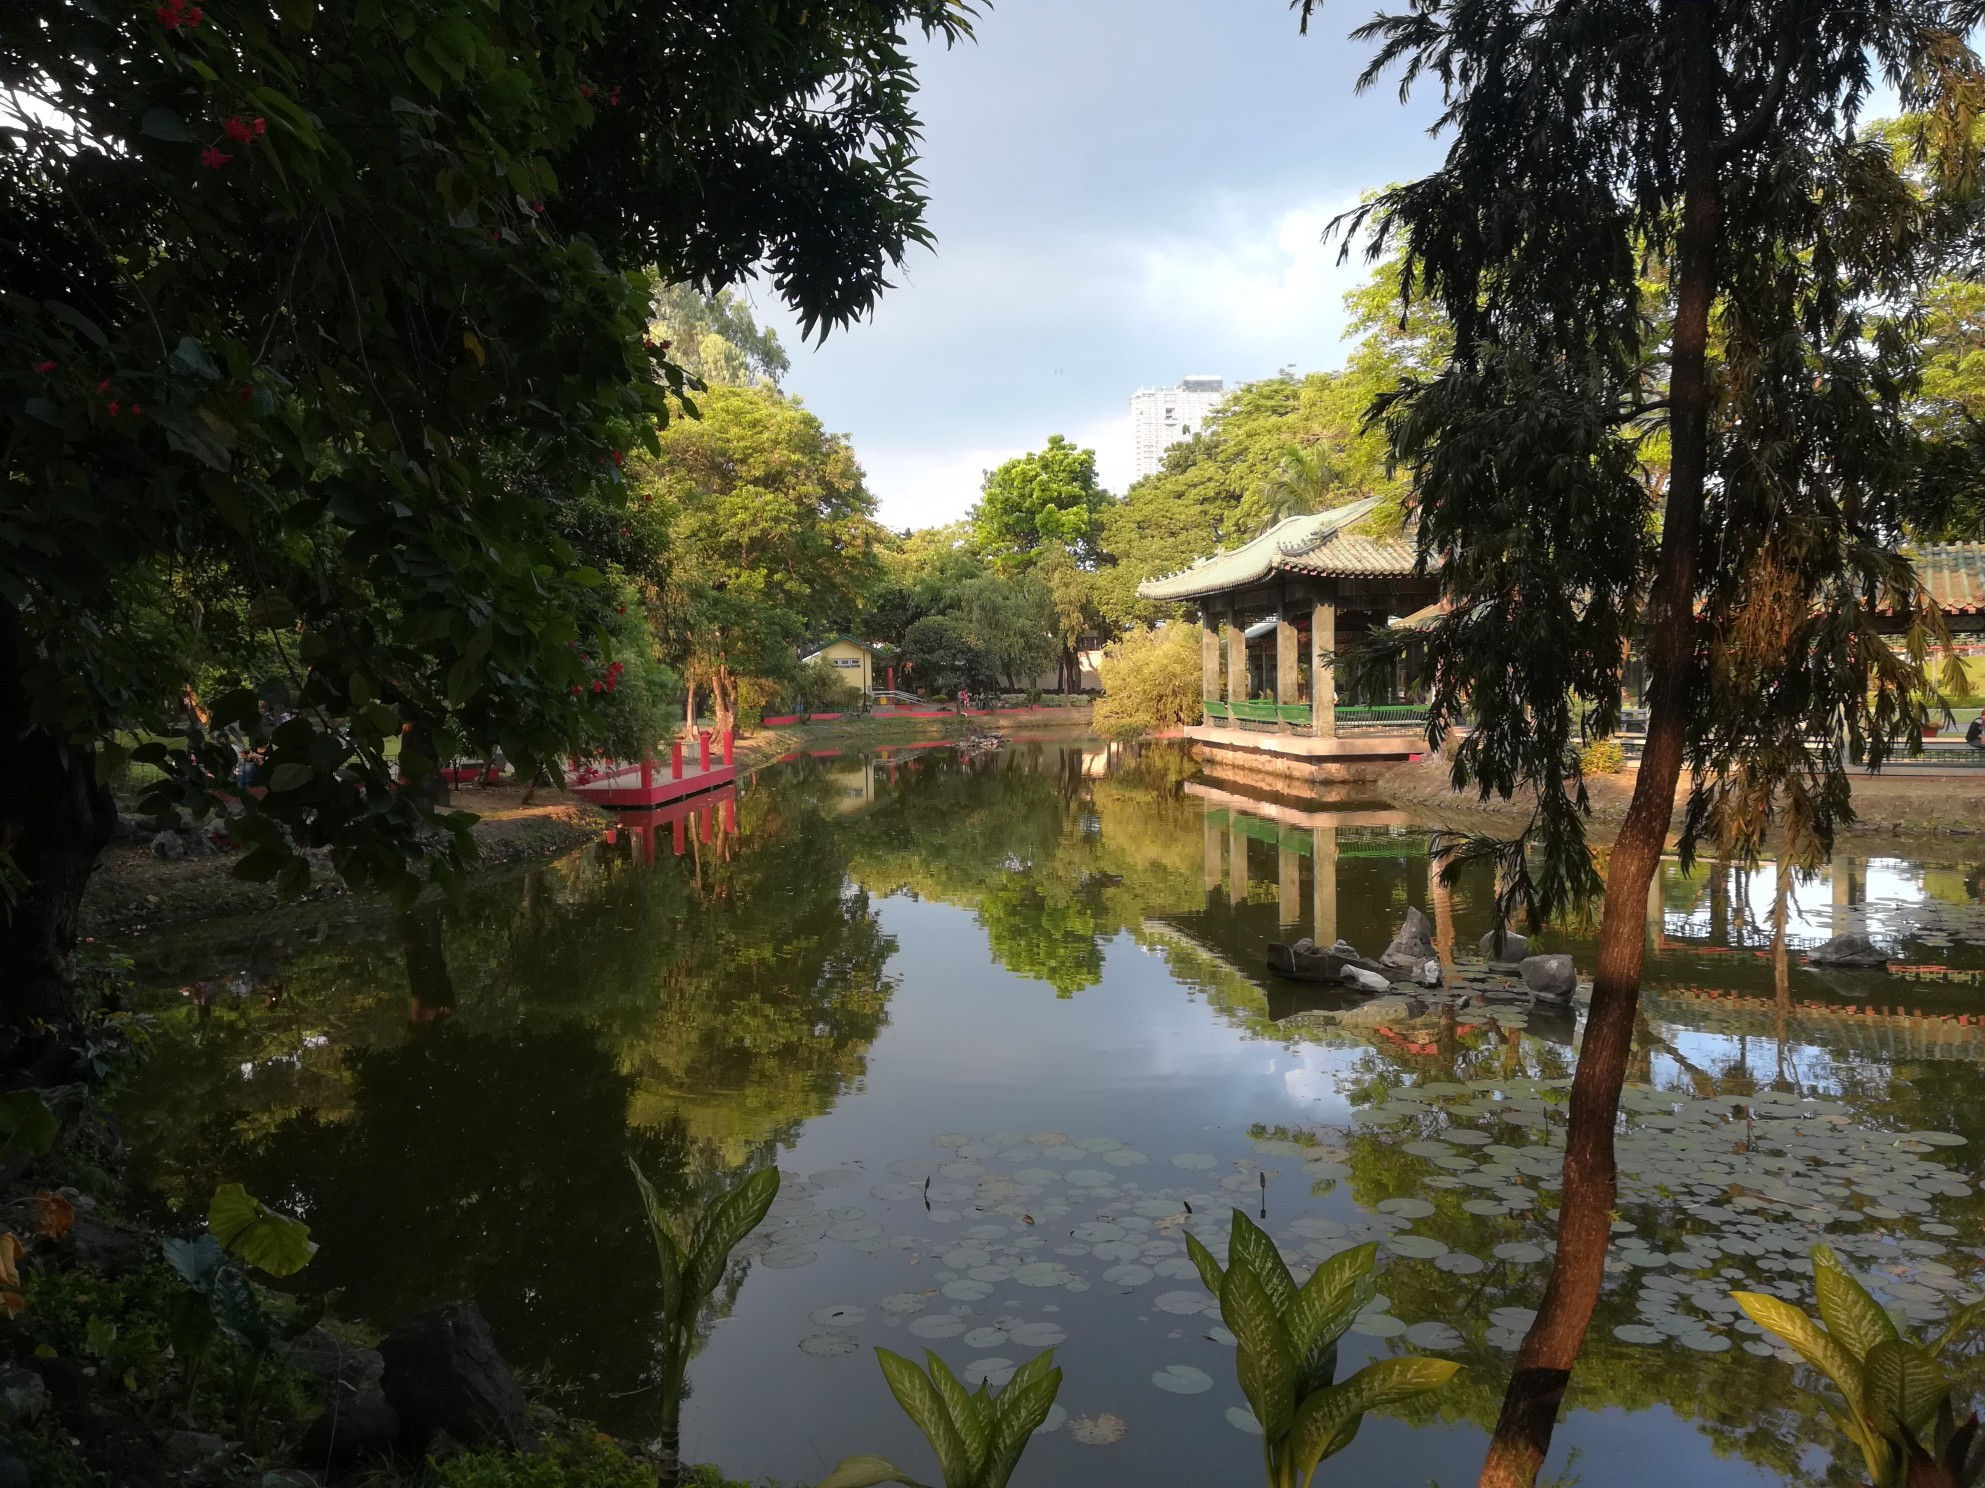 JARDIN-CHINO-PARQUE RIZAL-MANILA